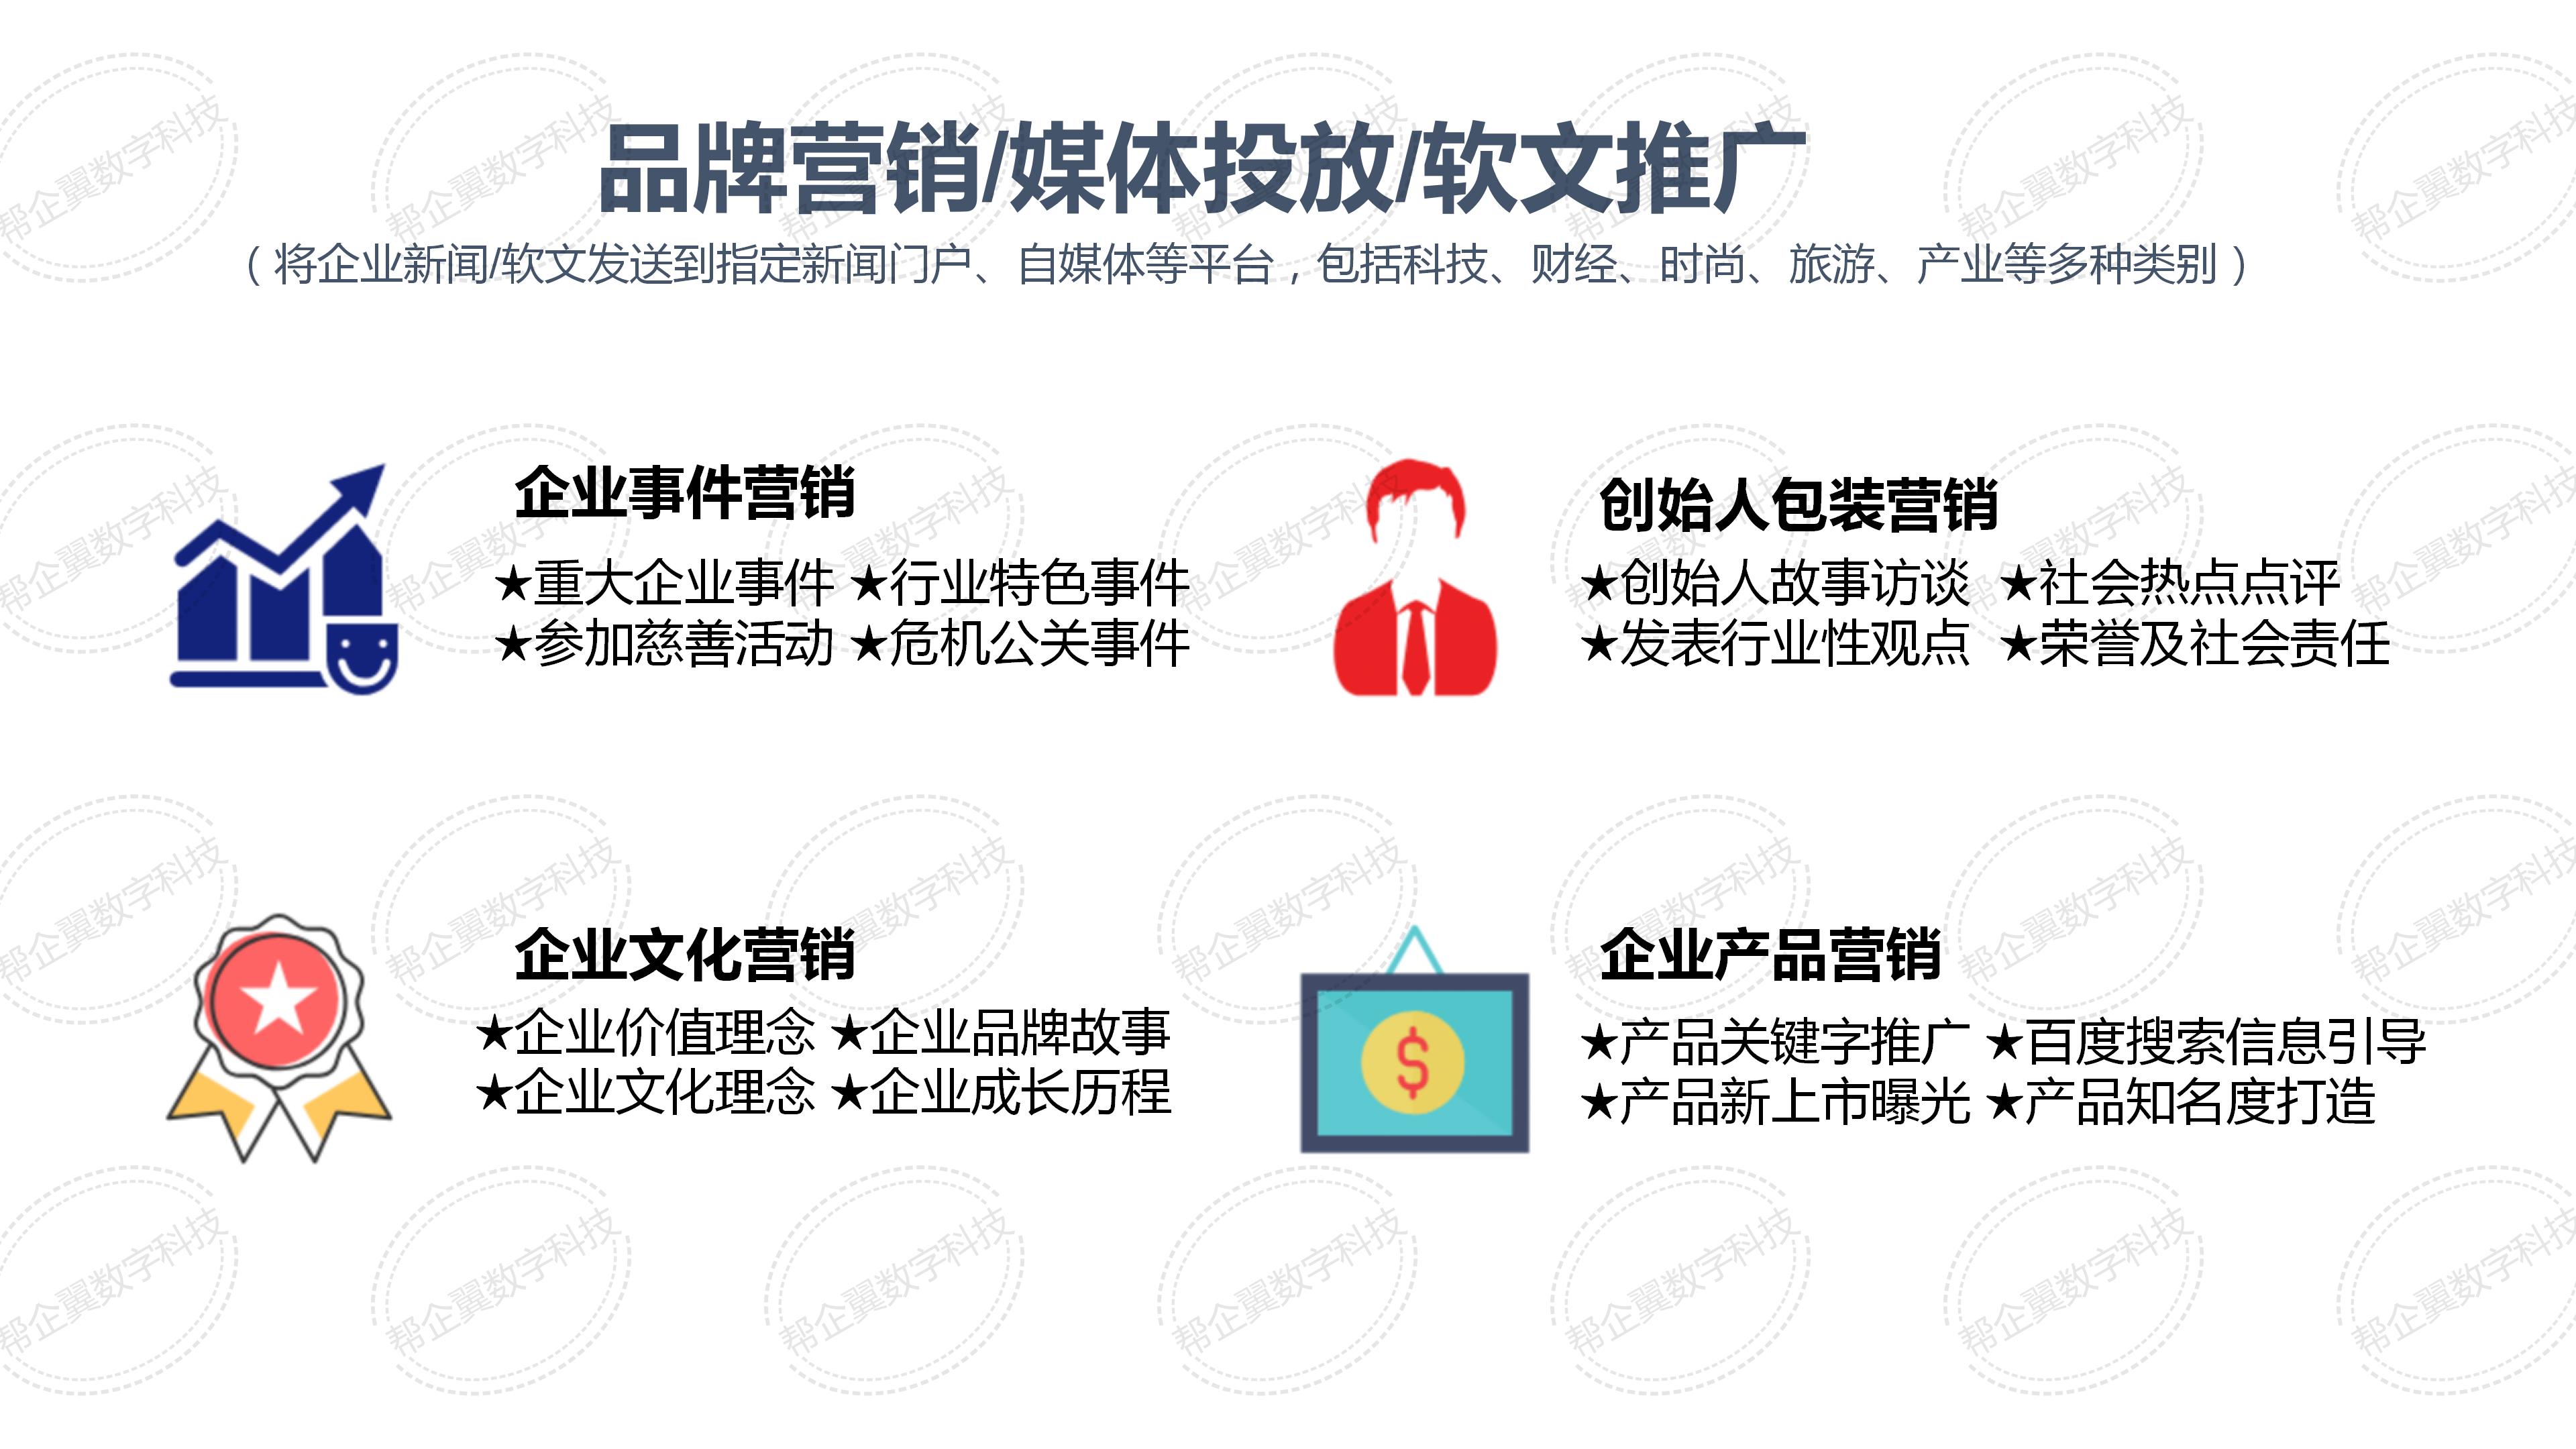 品牌营销/媒体投放/软文推广